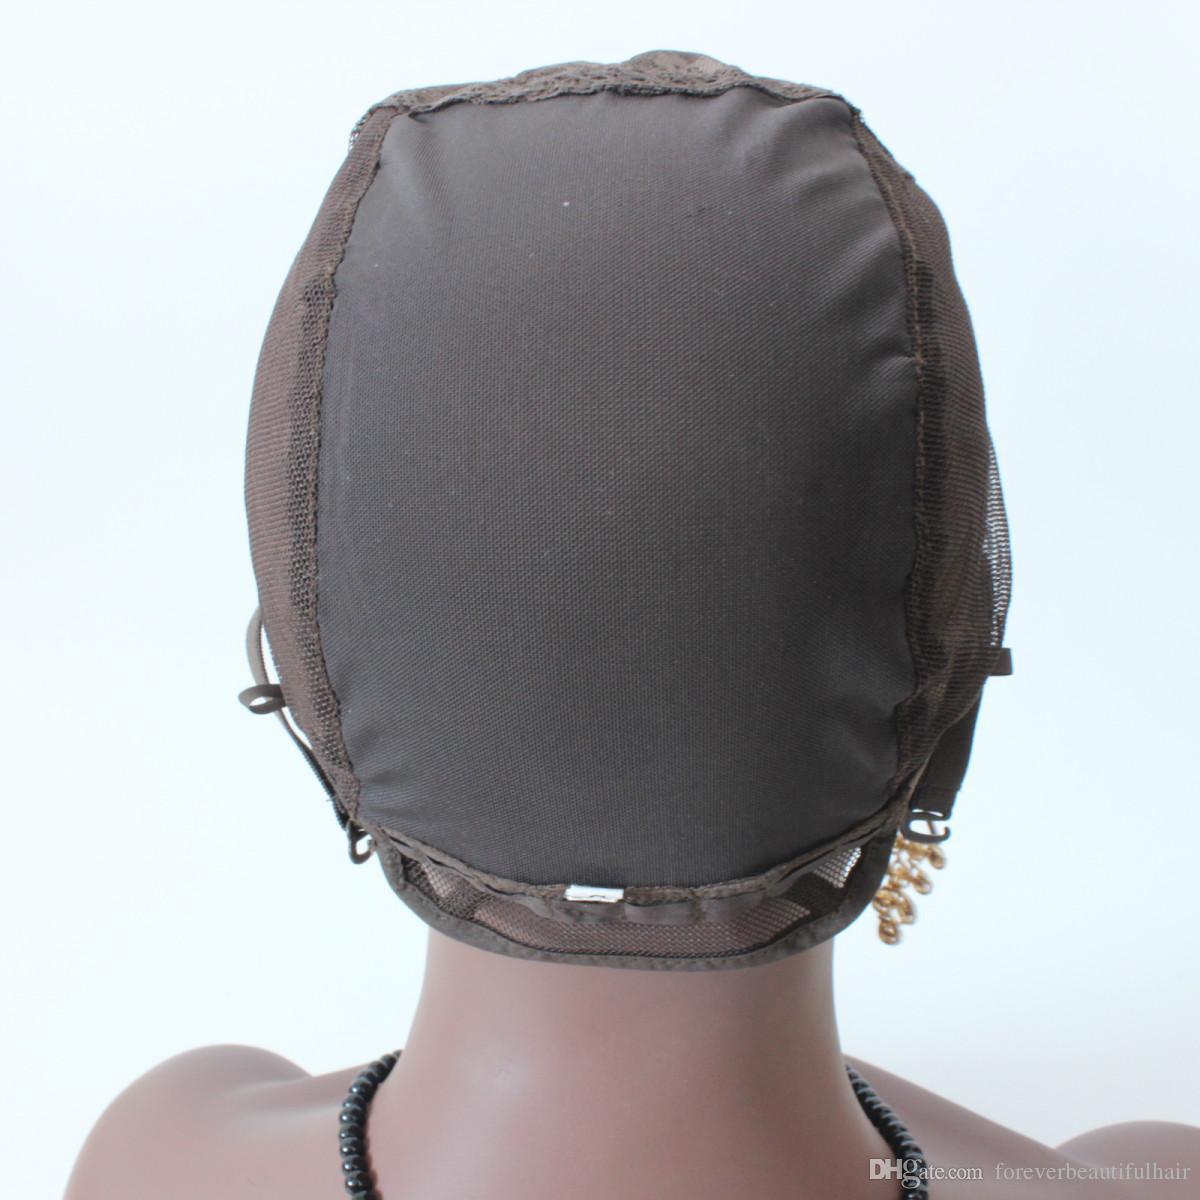 jüdische Perücke Kappe braun Farbe S / M / L Glueless Perücke Caps für die Herstellung von Perücken Stretch Lace Weben Cap verstellbare Straps Medium Brown